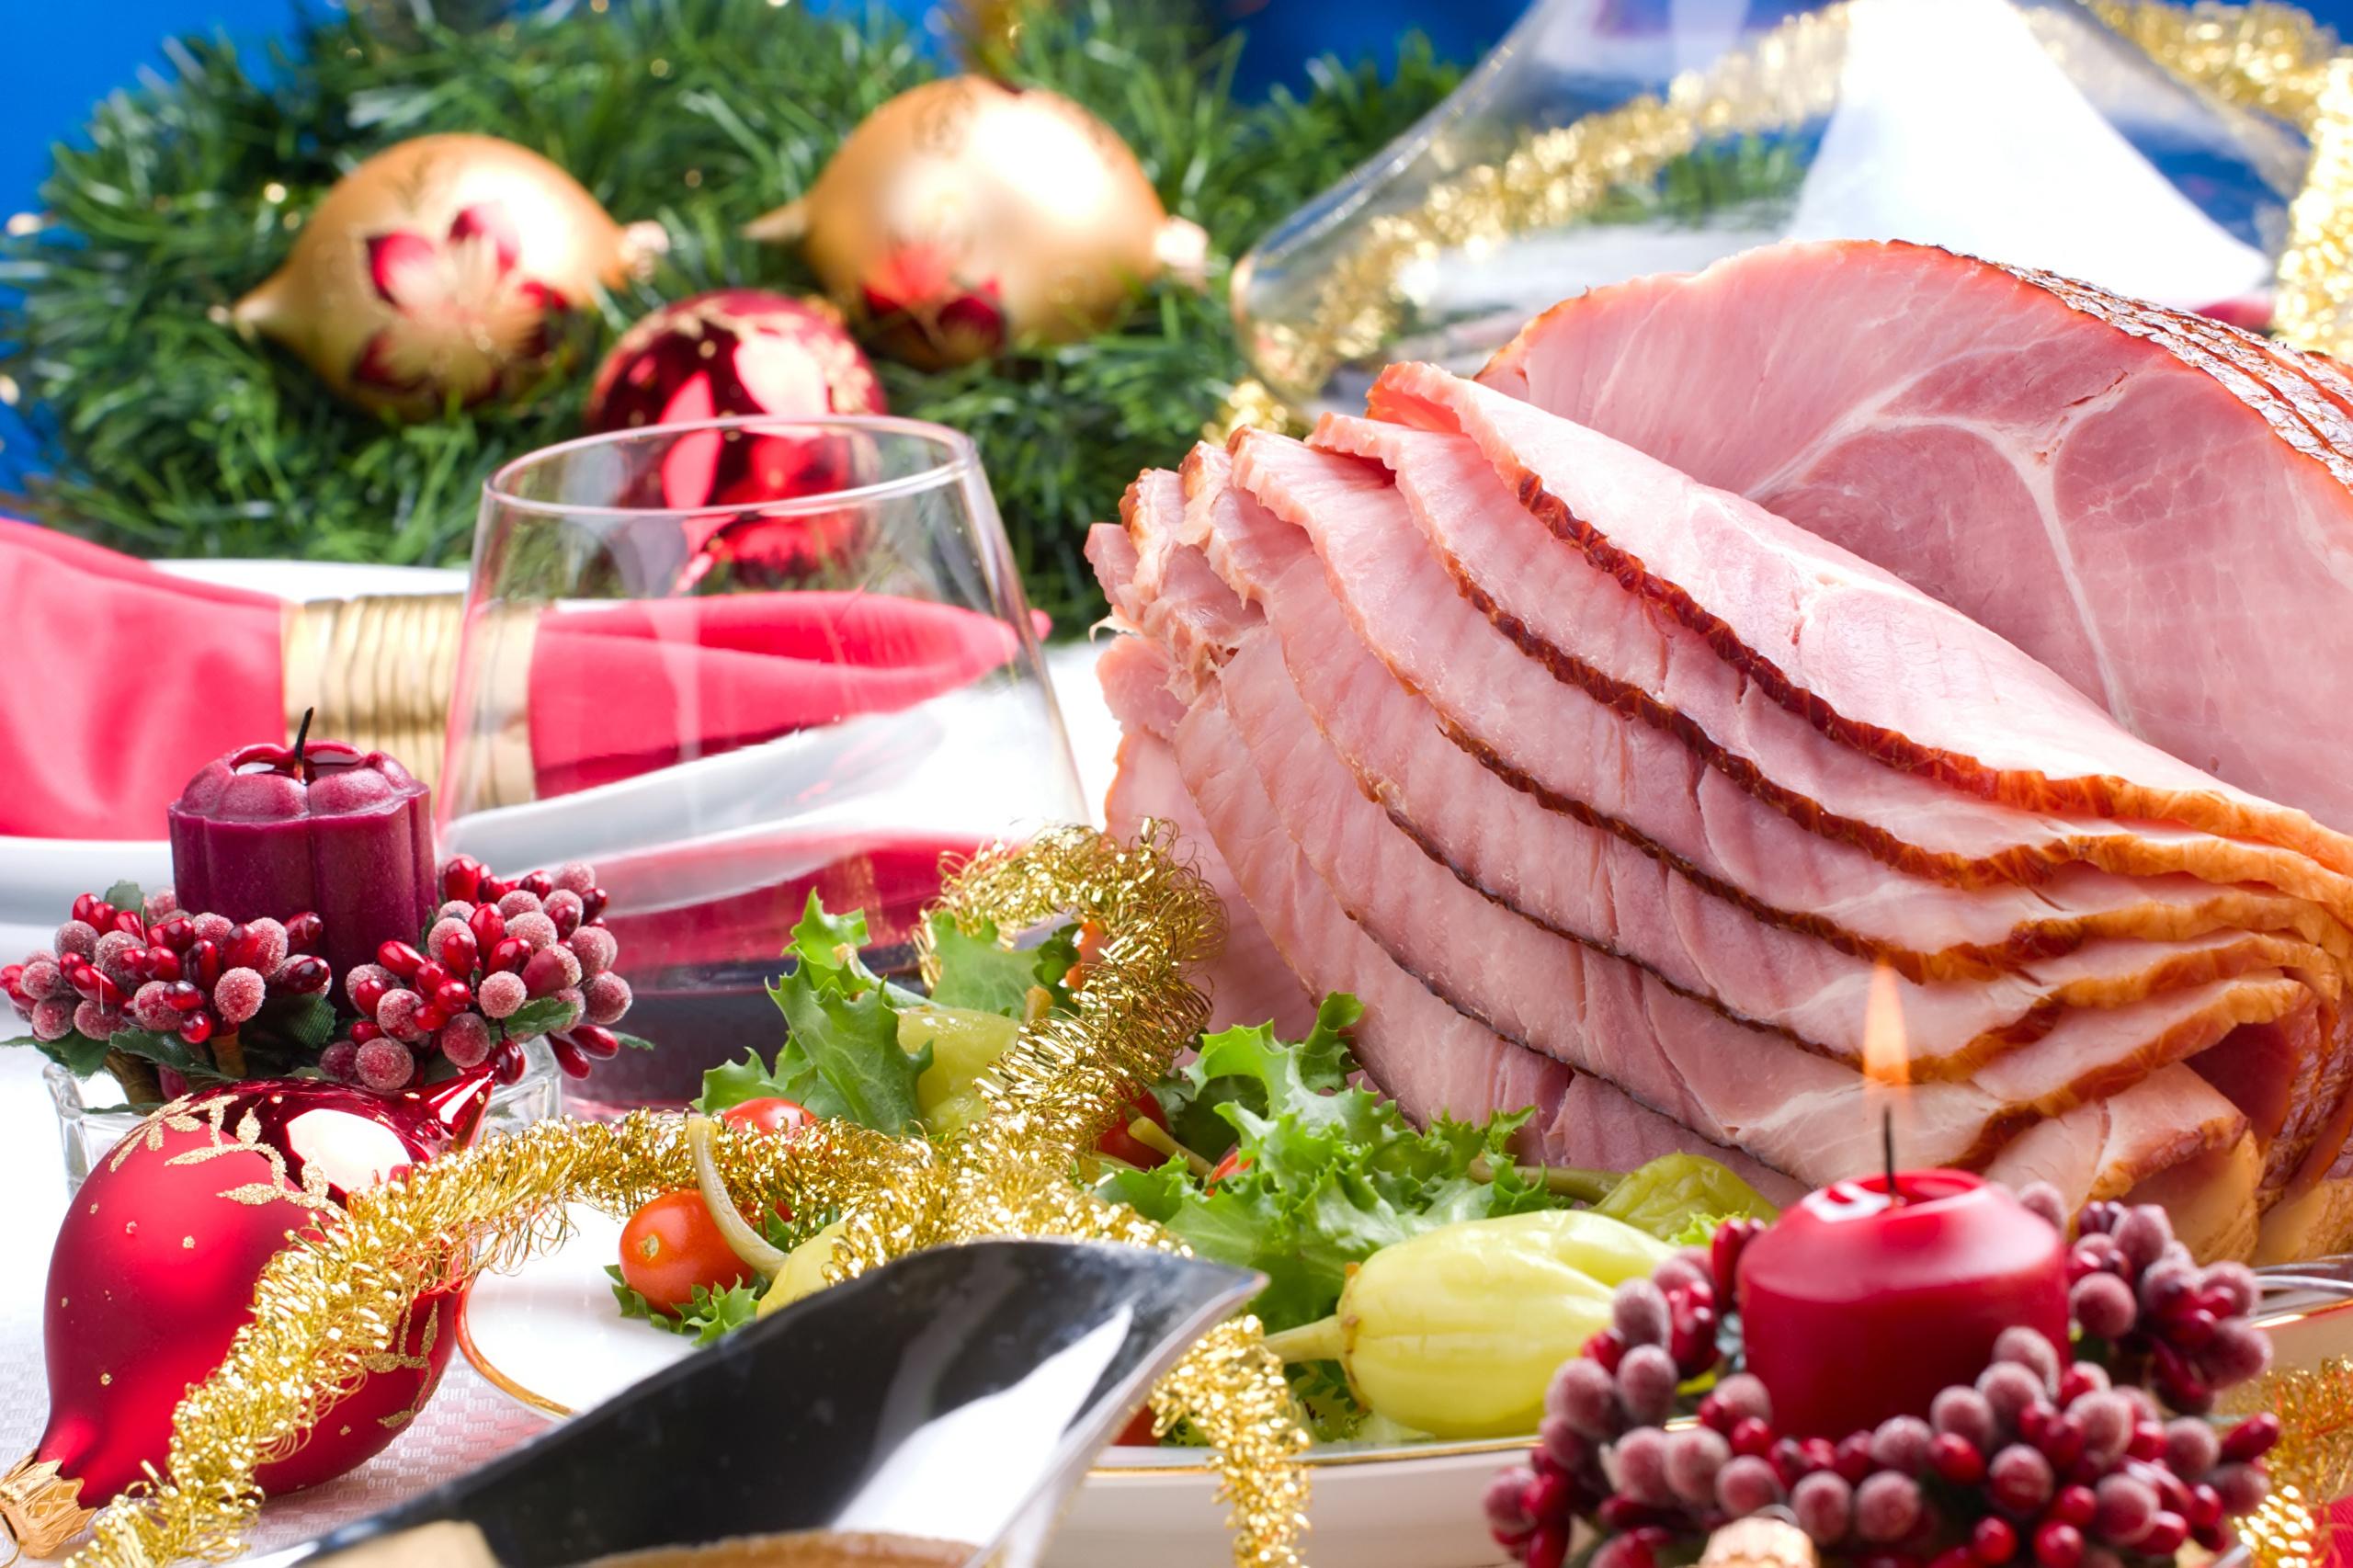 Диетолог назвала пять самых вредных продуктов новогоднего стола